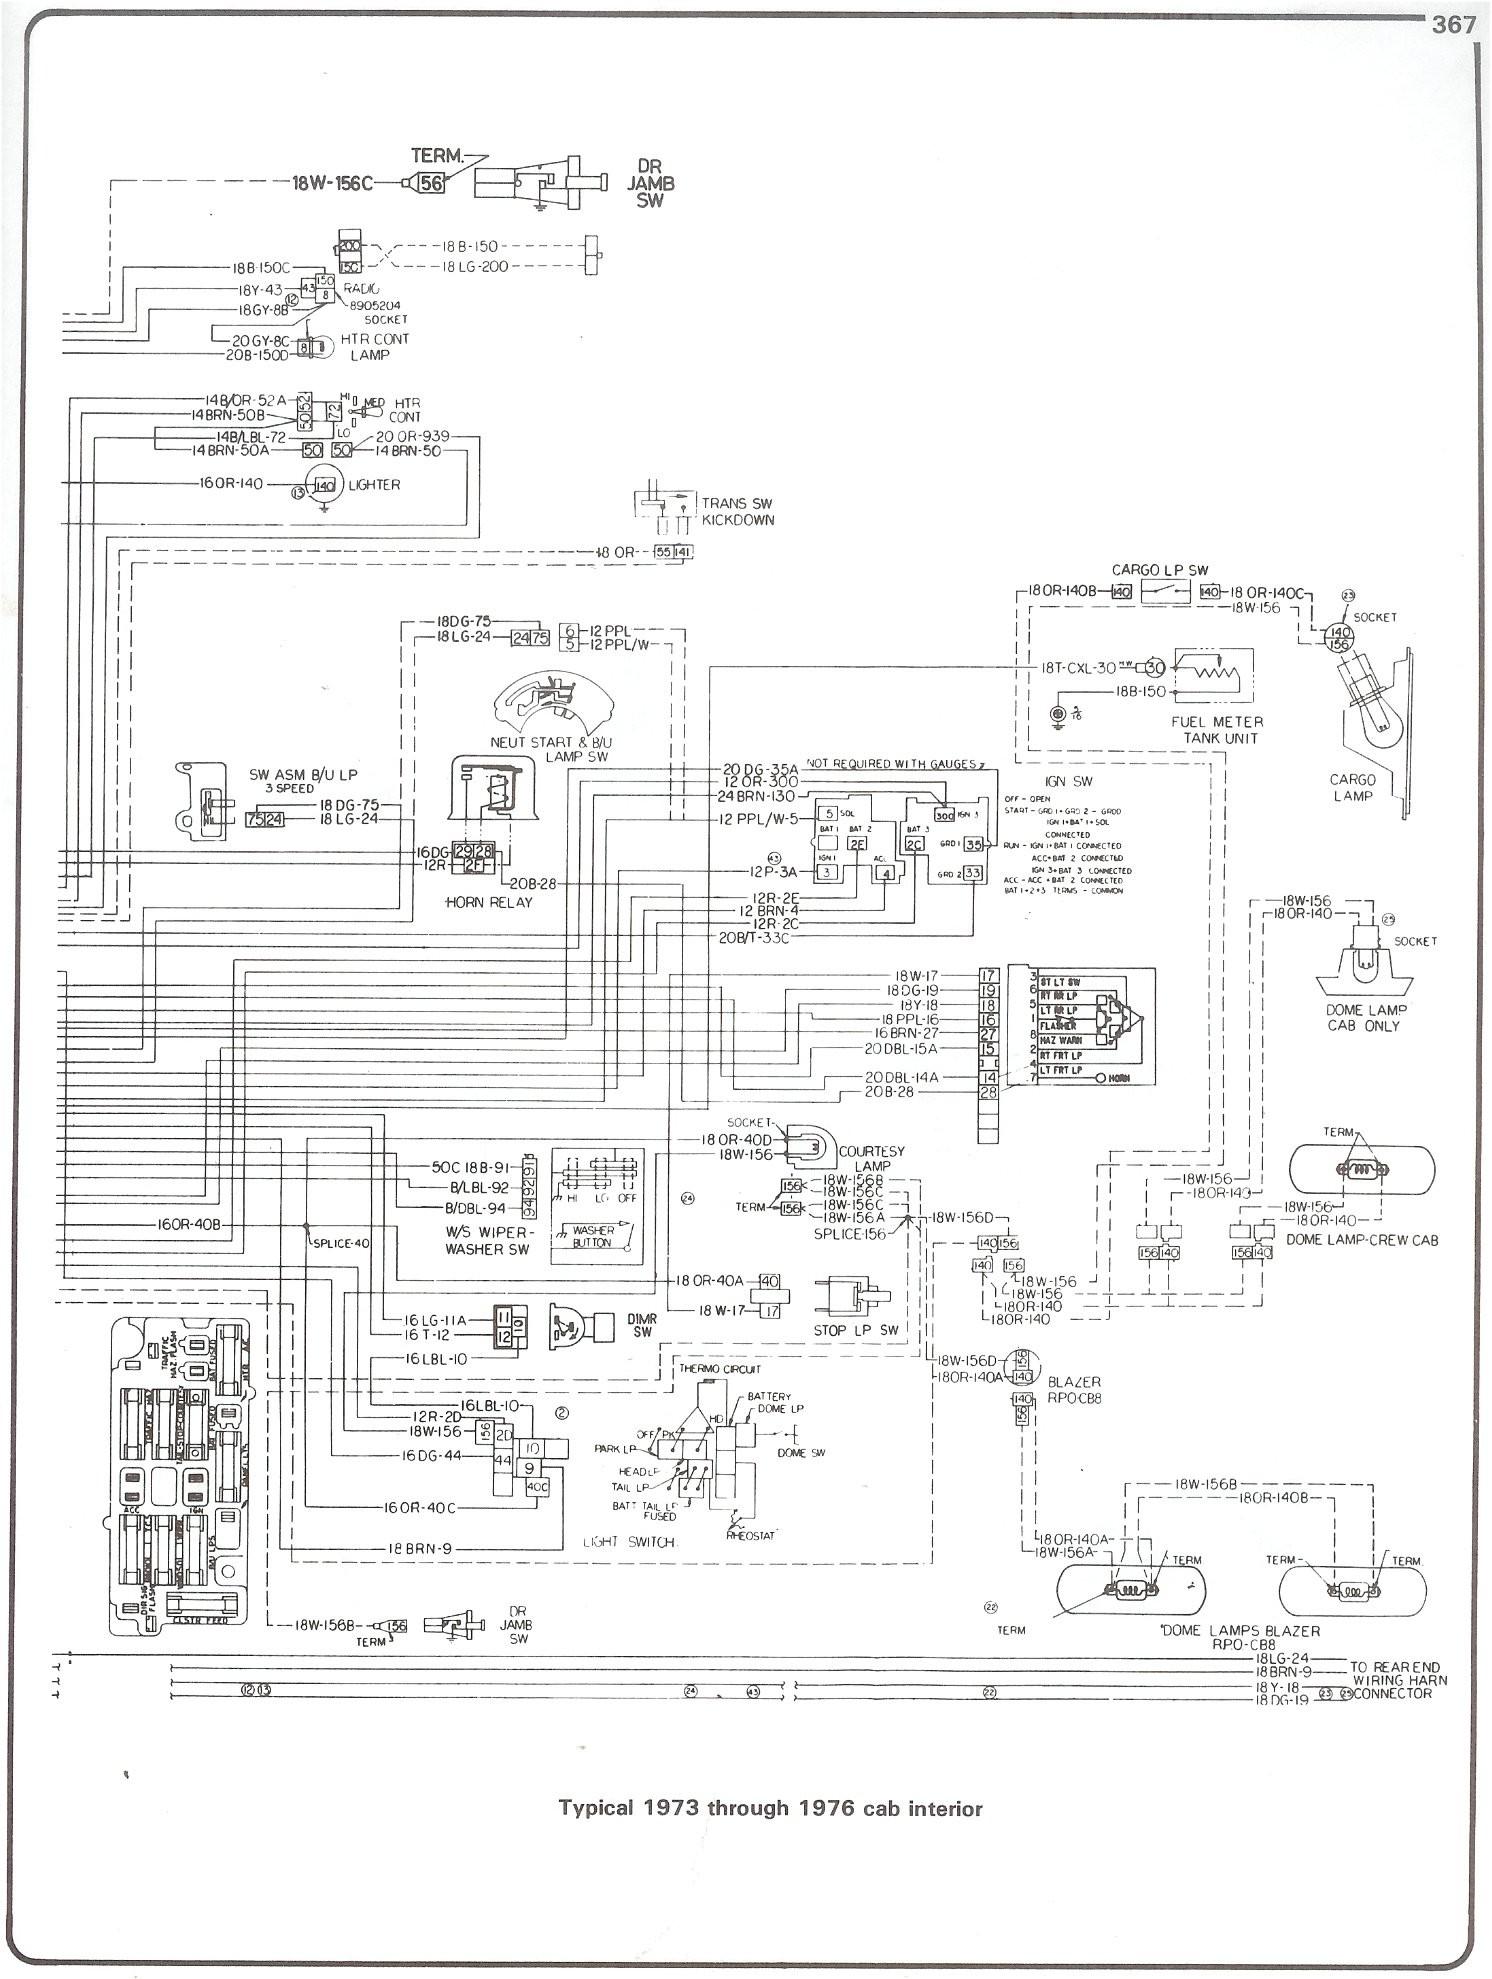 84 Chevy Silverado K20 solenoid Wiring Diagram Schematic 87 F250 Wiring Diagram Free Picture Schematic 93 Civic Si Of 84 Chevy Silverado K20 solenoid Wiring Diagram Schematic